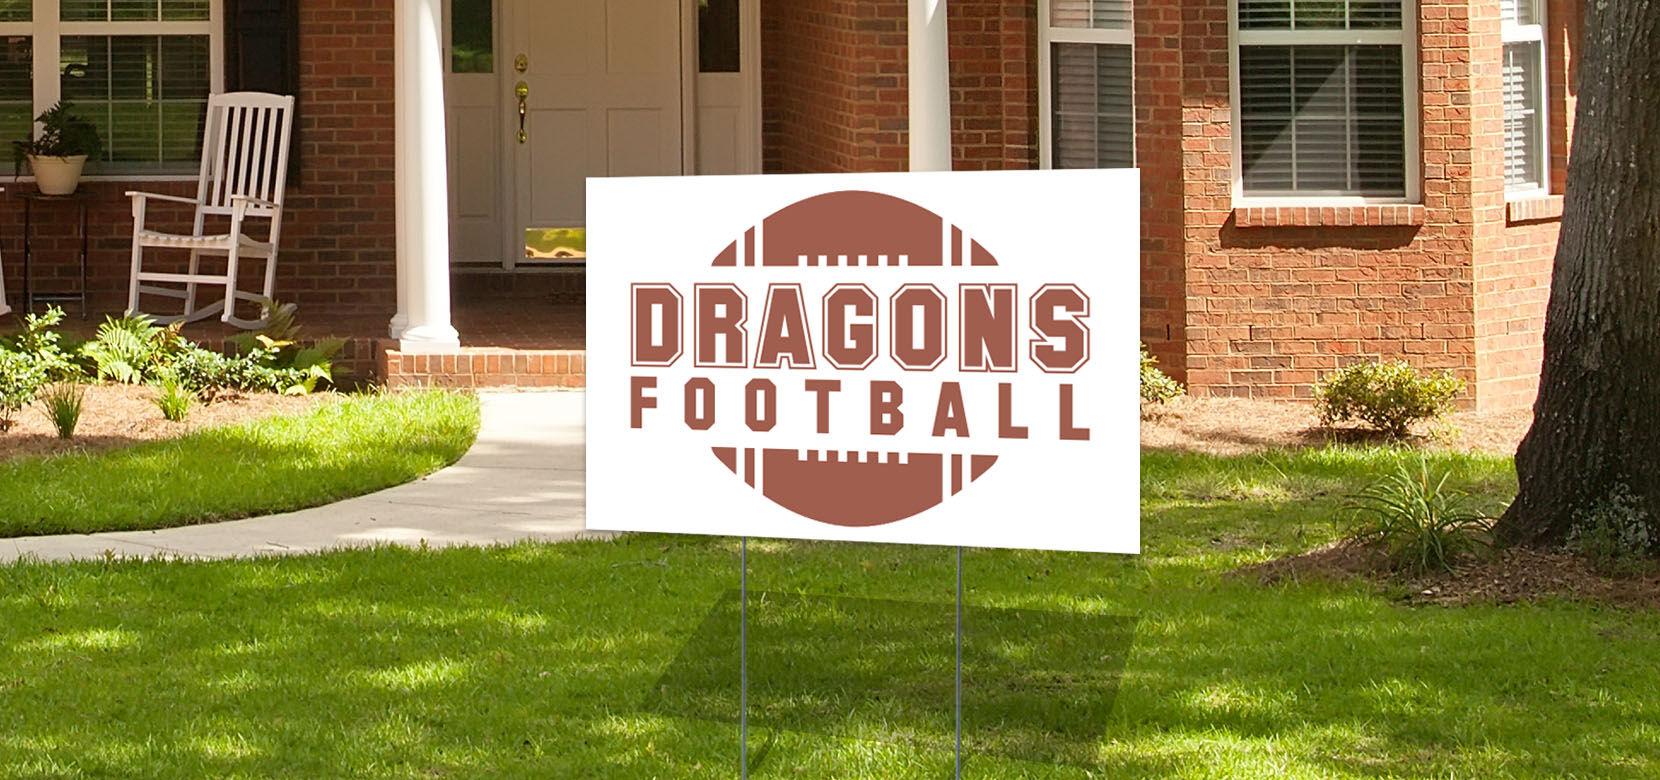 36x36 Yard Sign